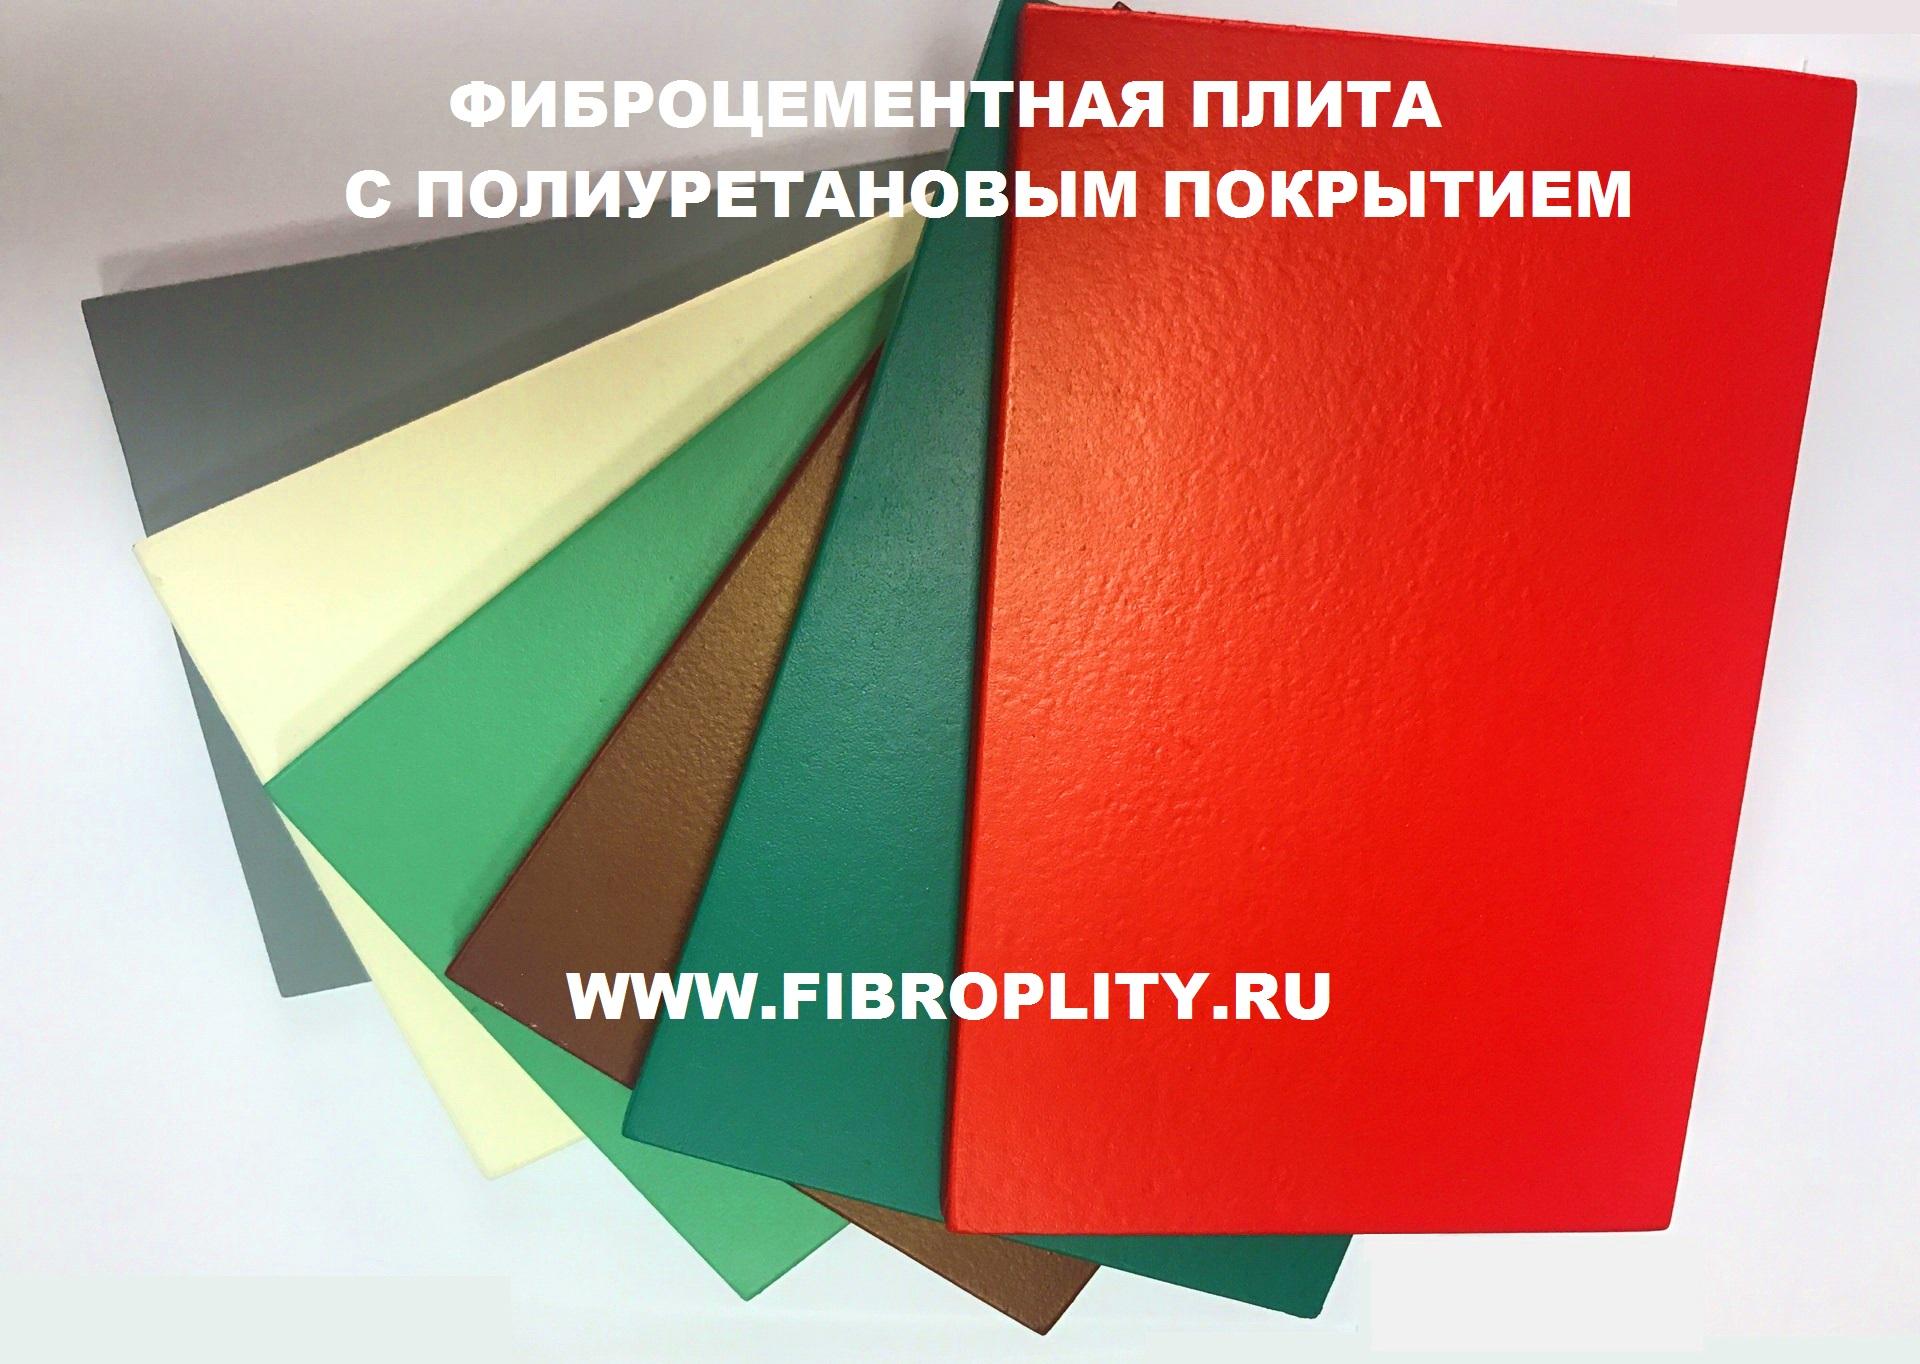 Фиброцементные плиты с полиуретановым покрытием